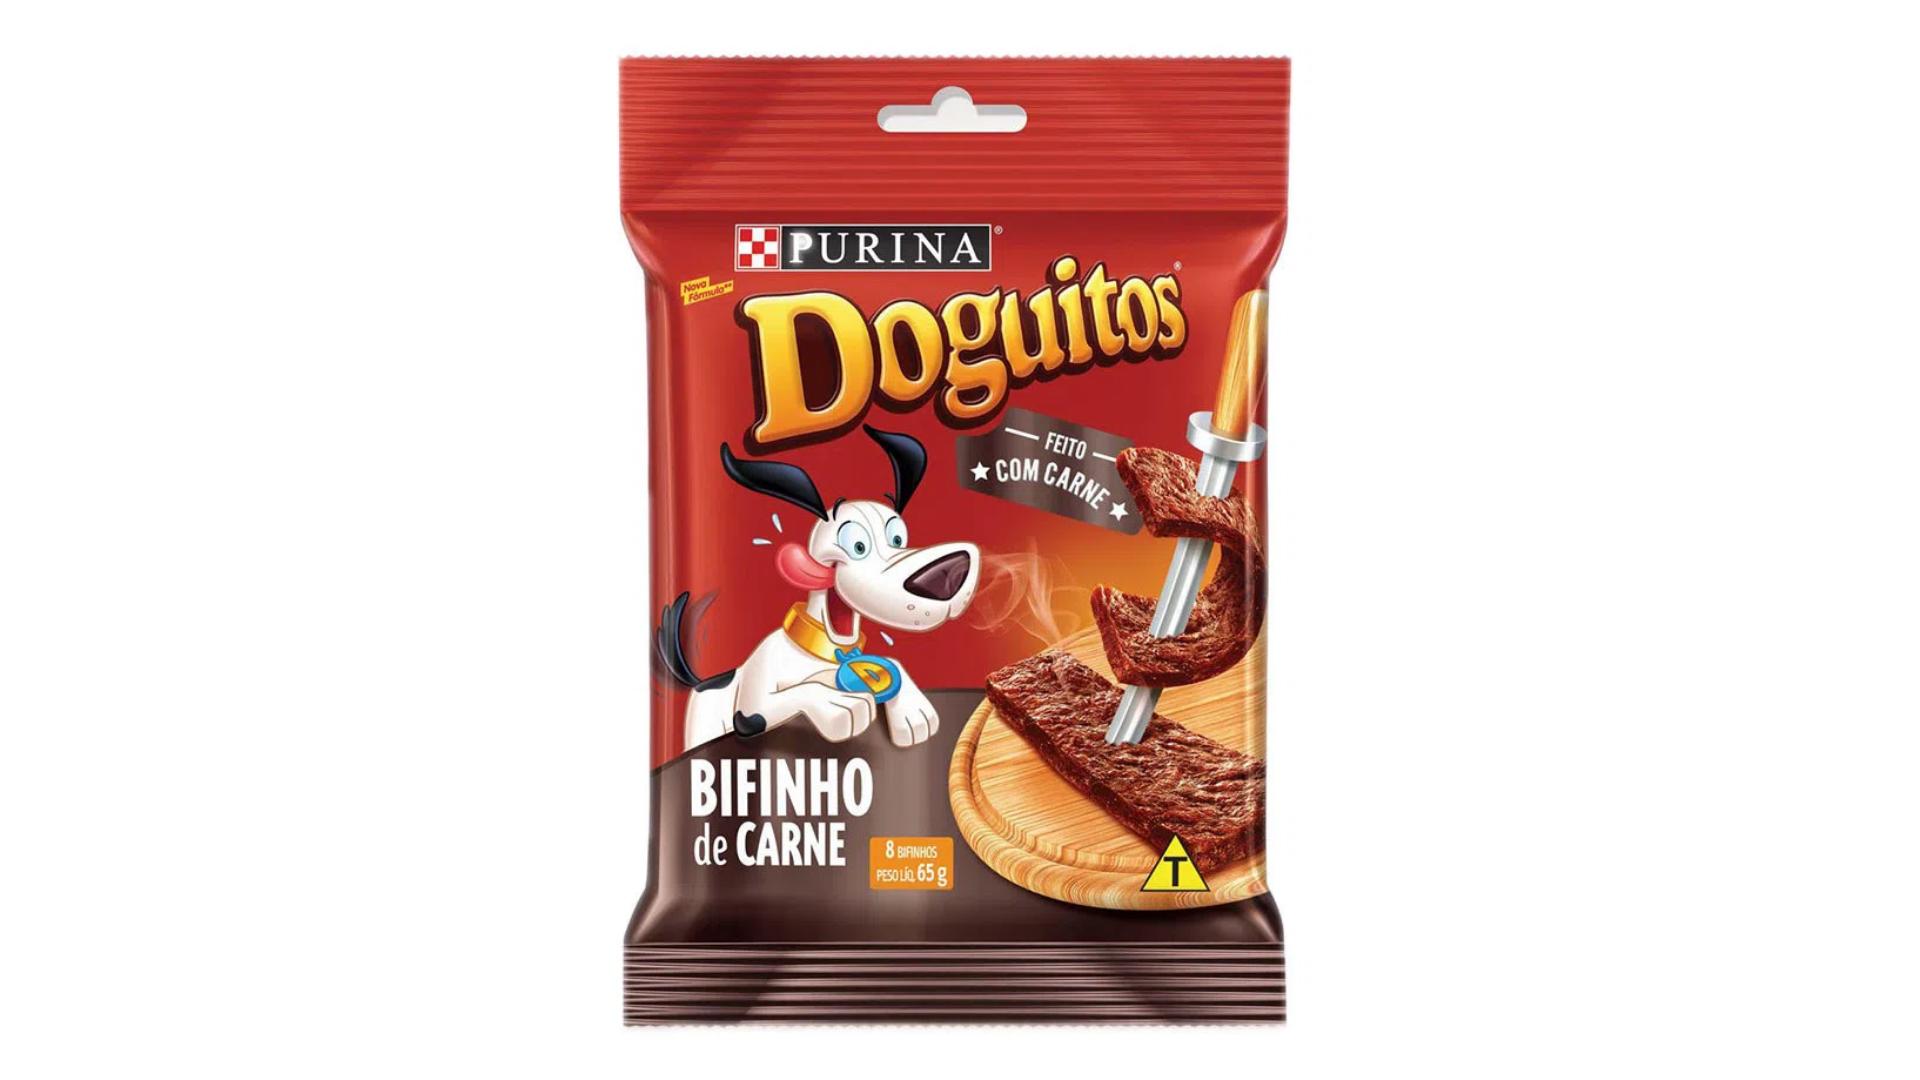 O petisco Doguitos Rodízio é uma boa opção para variar o cardápio dos cãezinhos (Imagem: Divulgação/Purina)